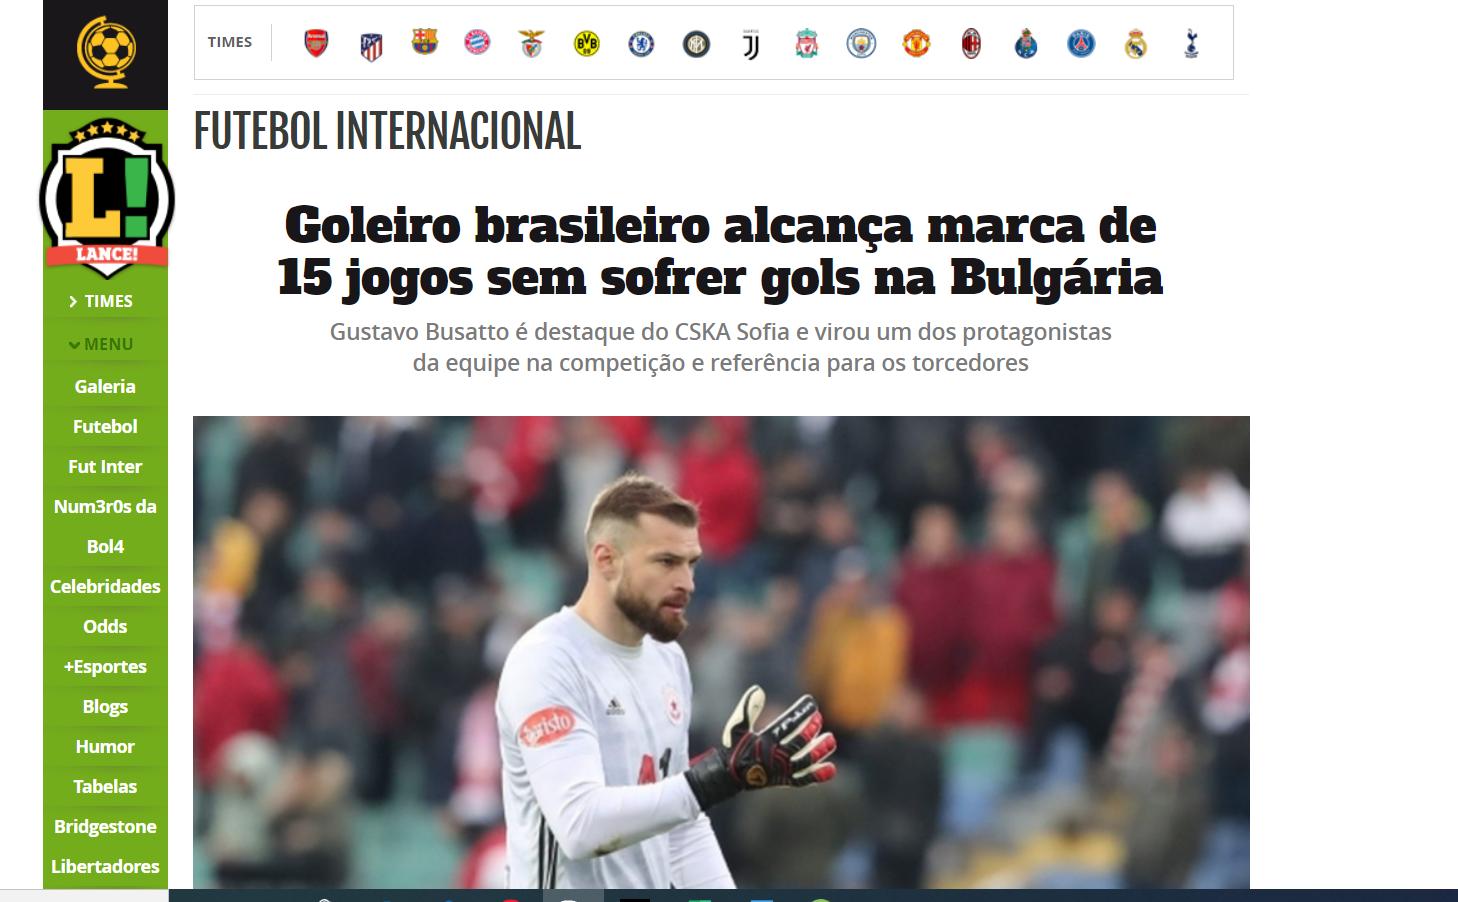 Бразилски медии величаят вратар на ЦСКА 2